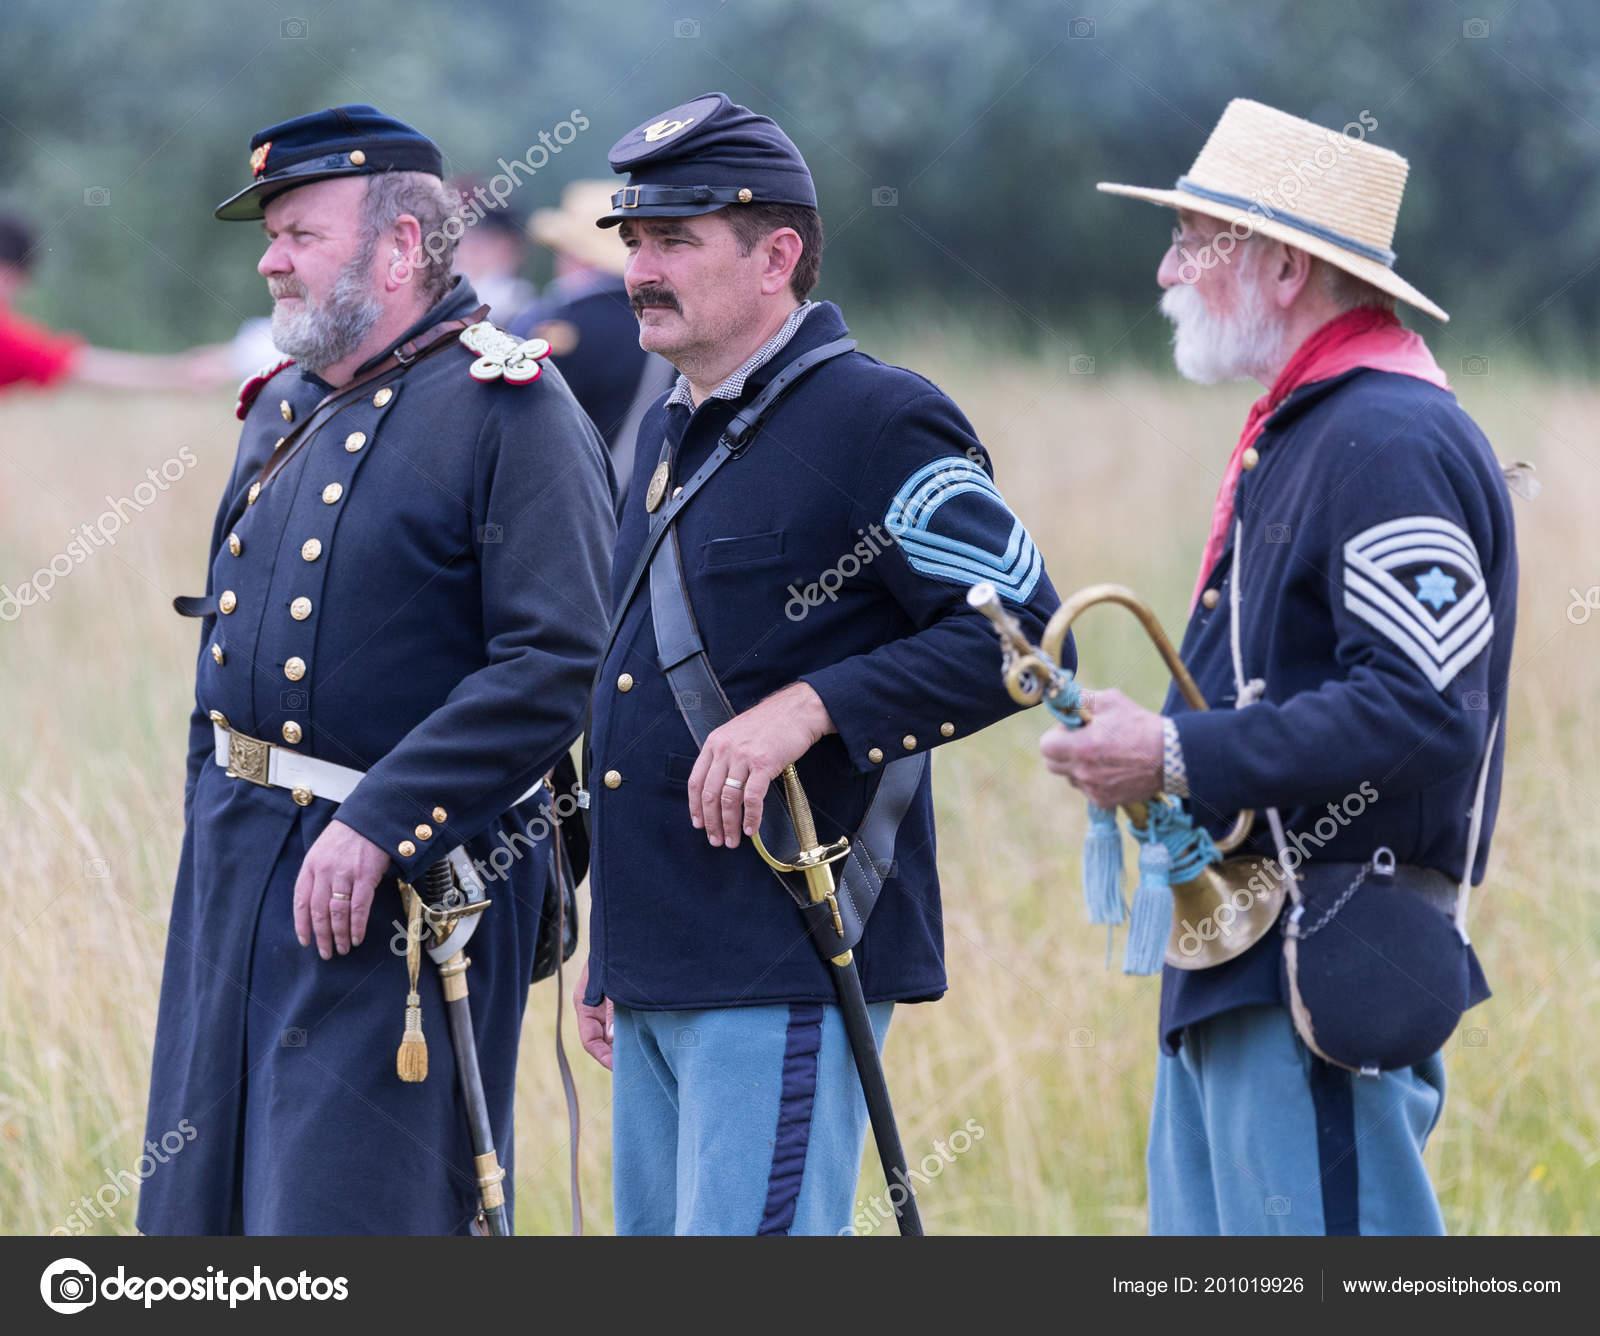 American Civil War Reenactment Officers Watch Battle